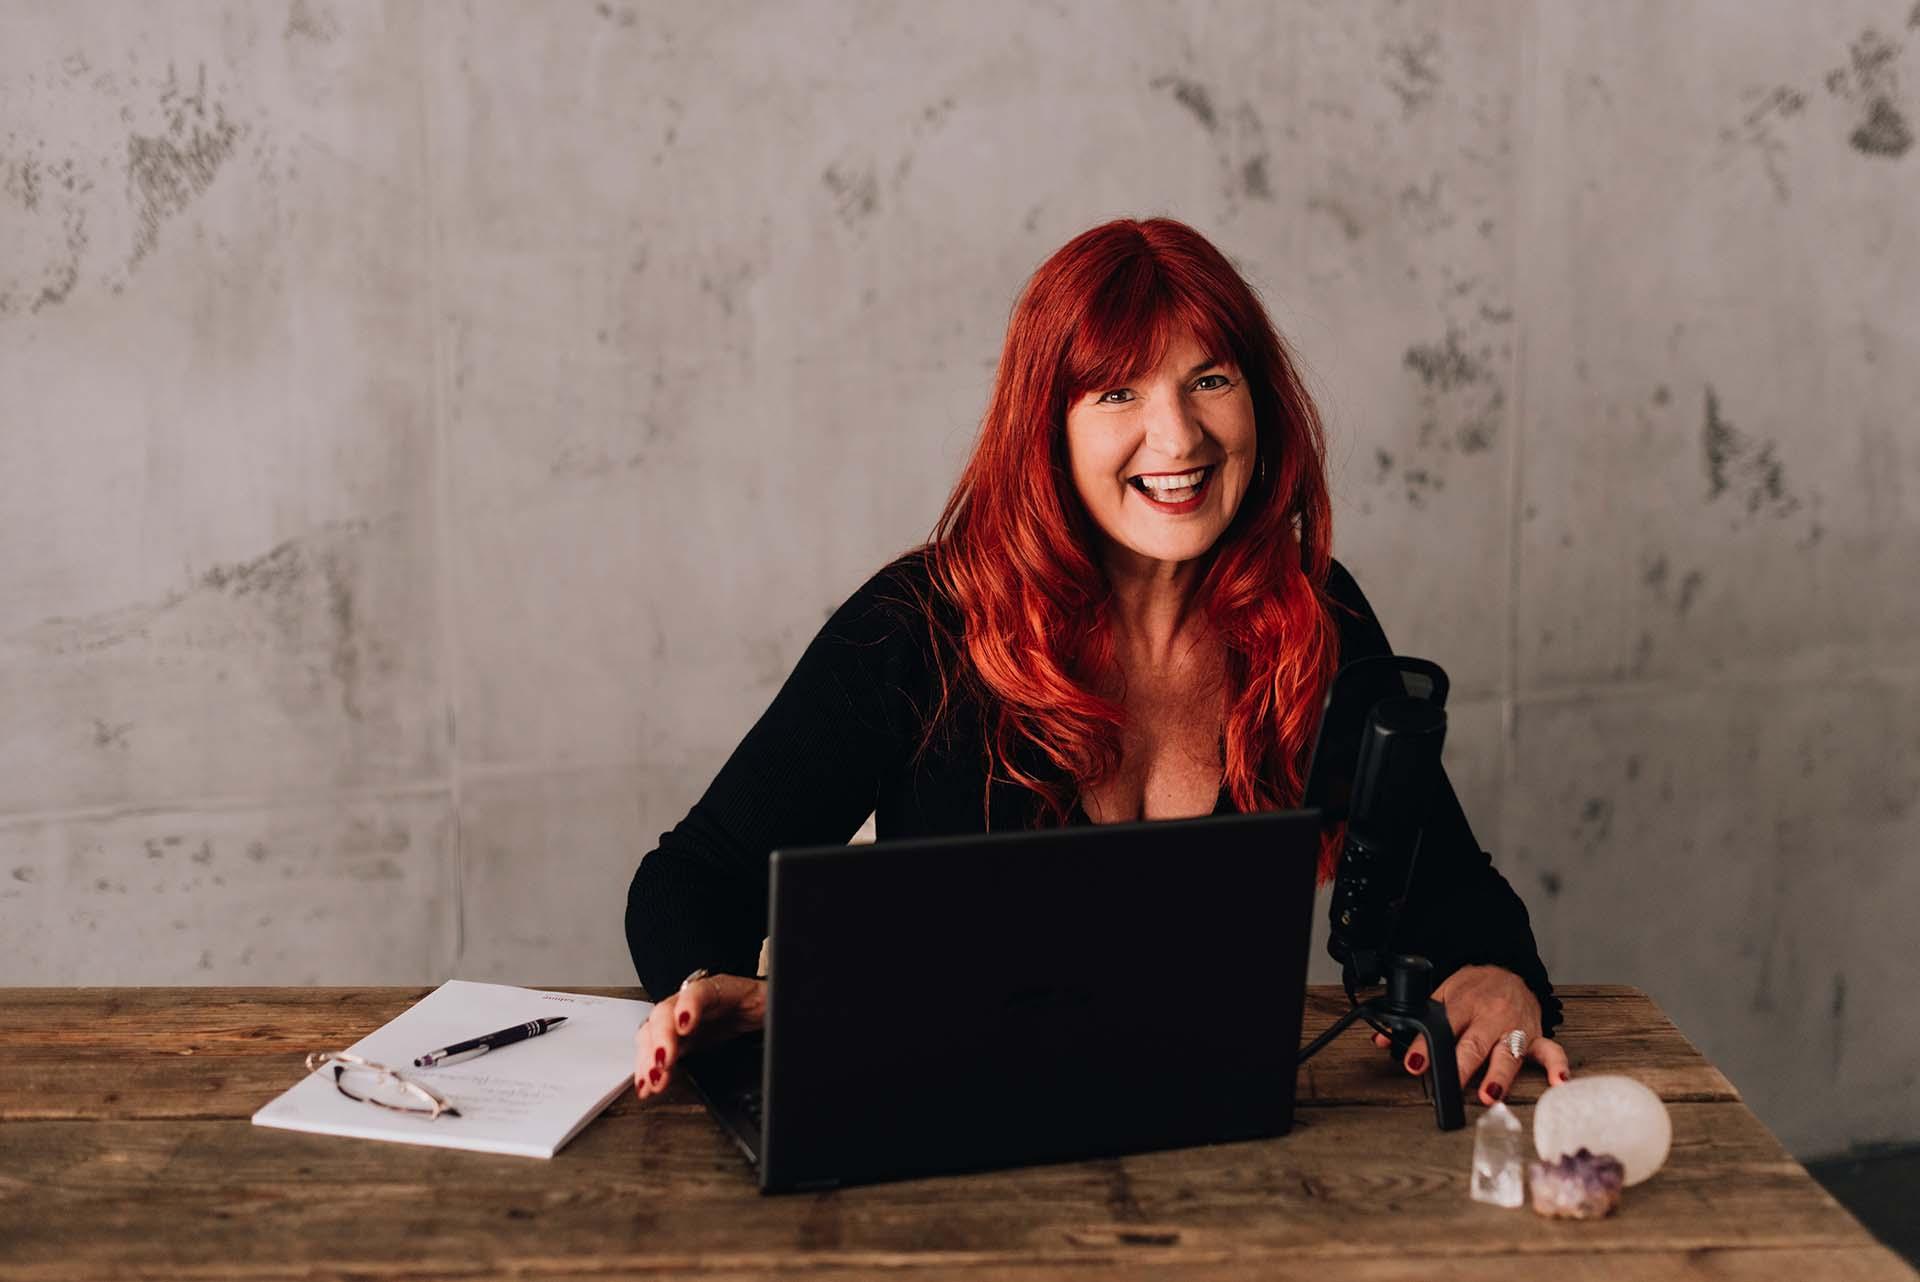 Sabine Krink Geschäftsfrau